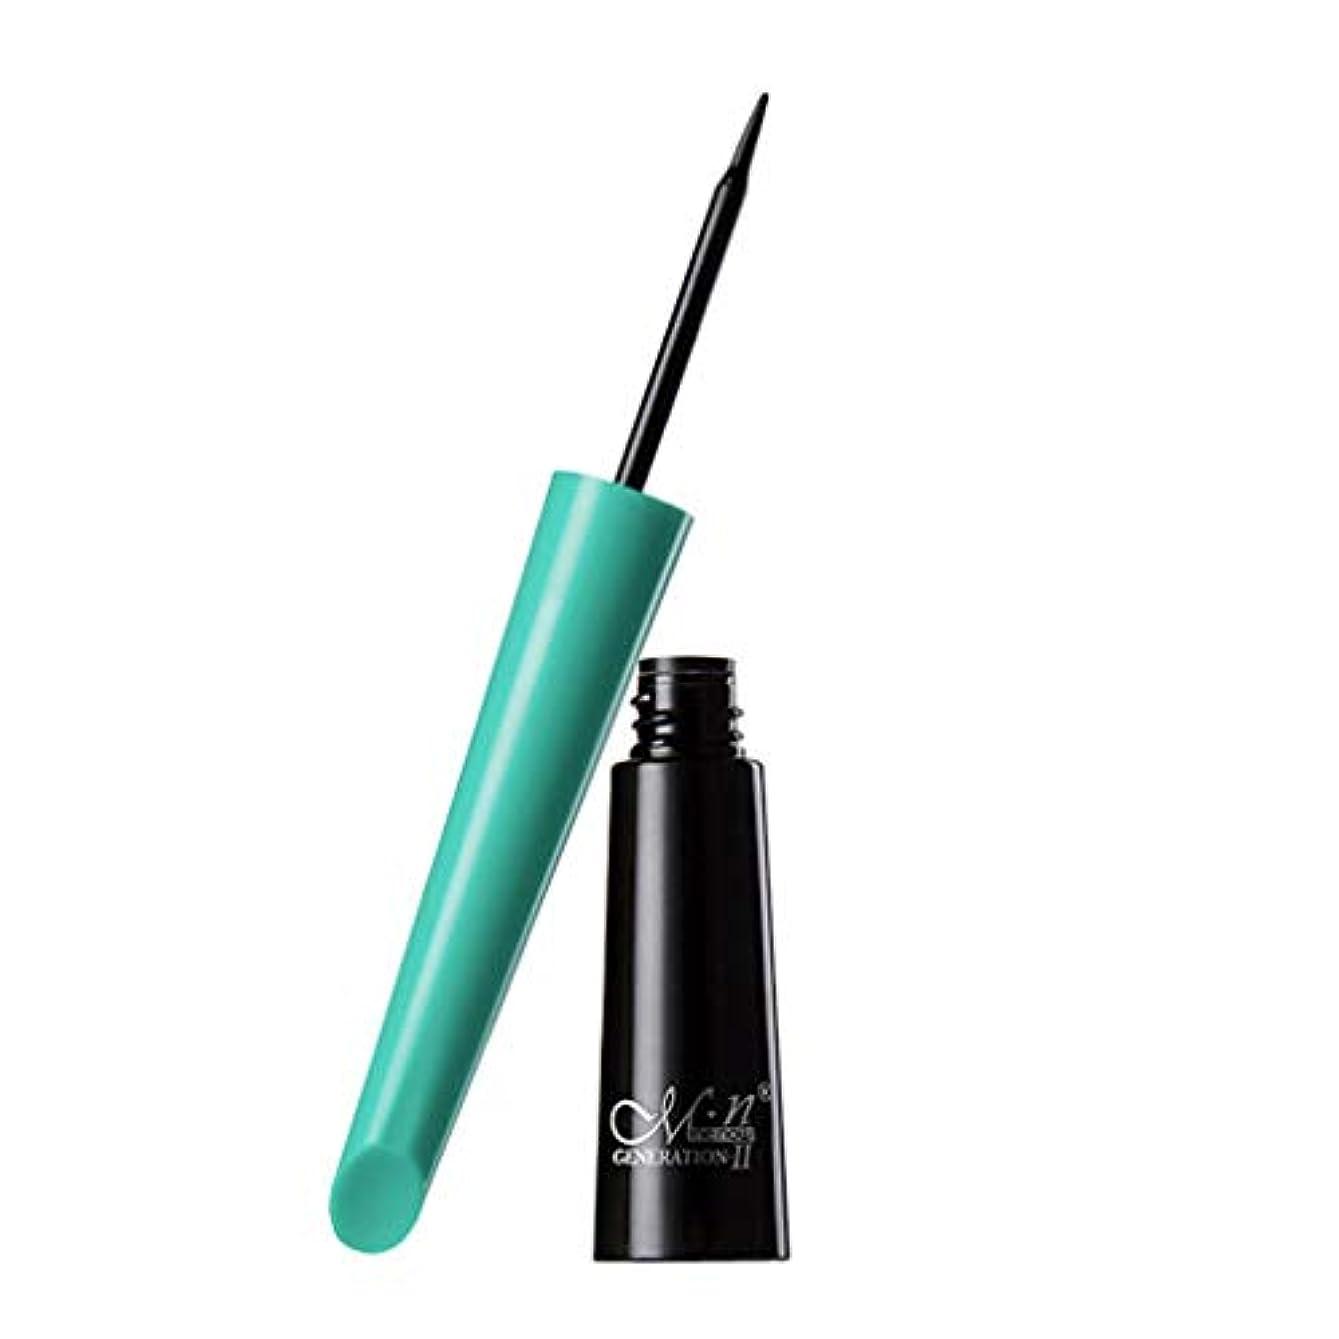 眠っているが欲しいランデブー女性Menow防水美容メイクアップ化粧品ブラックリキッドアイライナーペン